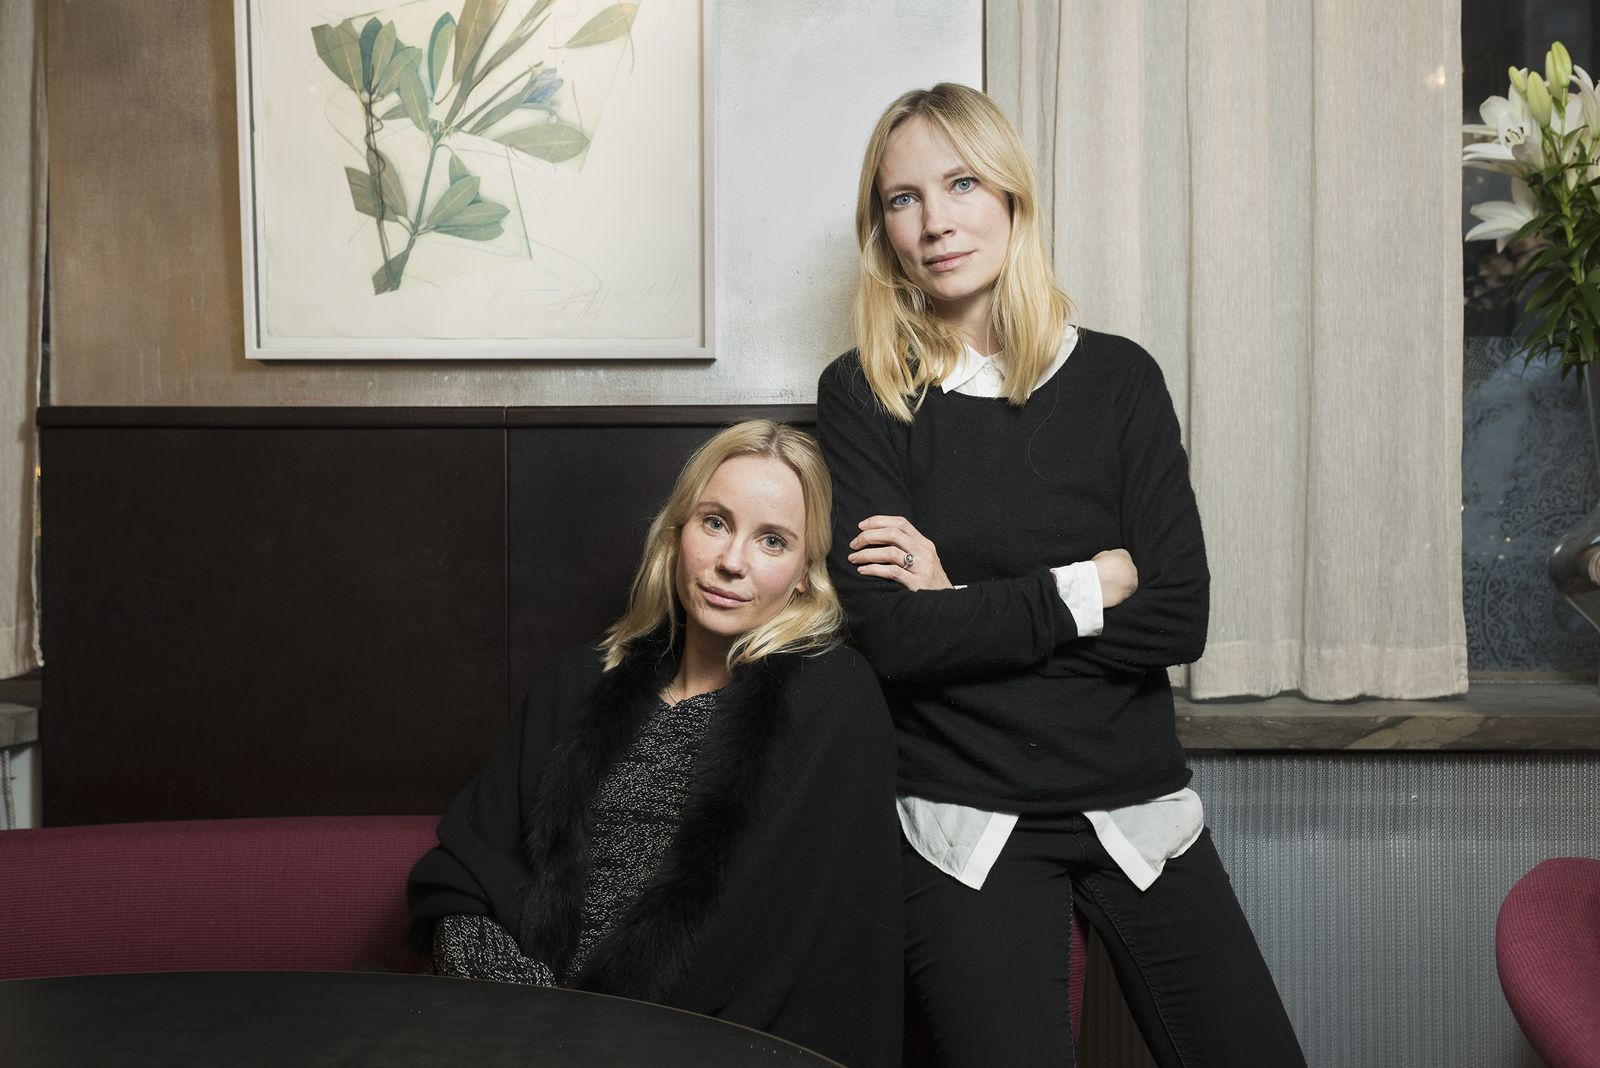 EINMALIGE VERWENDUNG SPIEGEL Plus SPIEGEL 49/2017 S.130 Schweden Feminismus STARTBILD